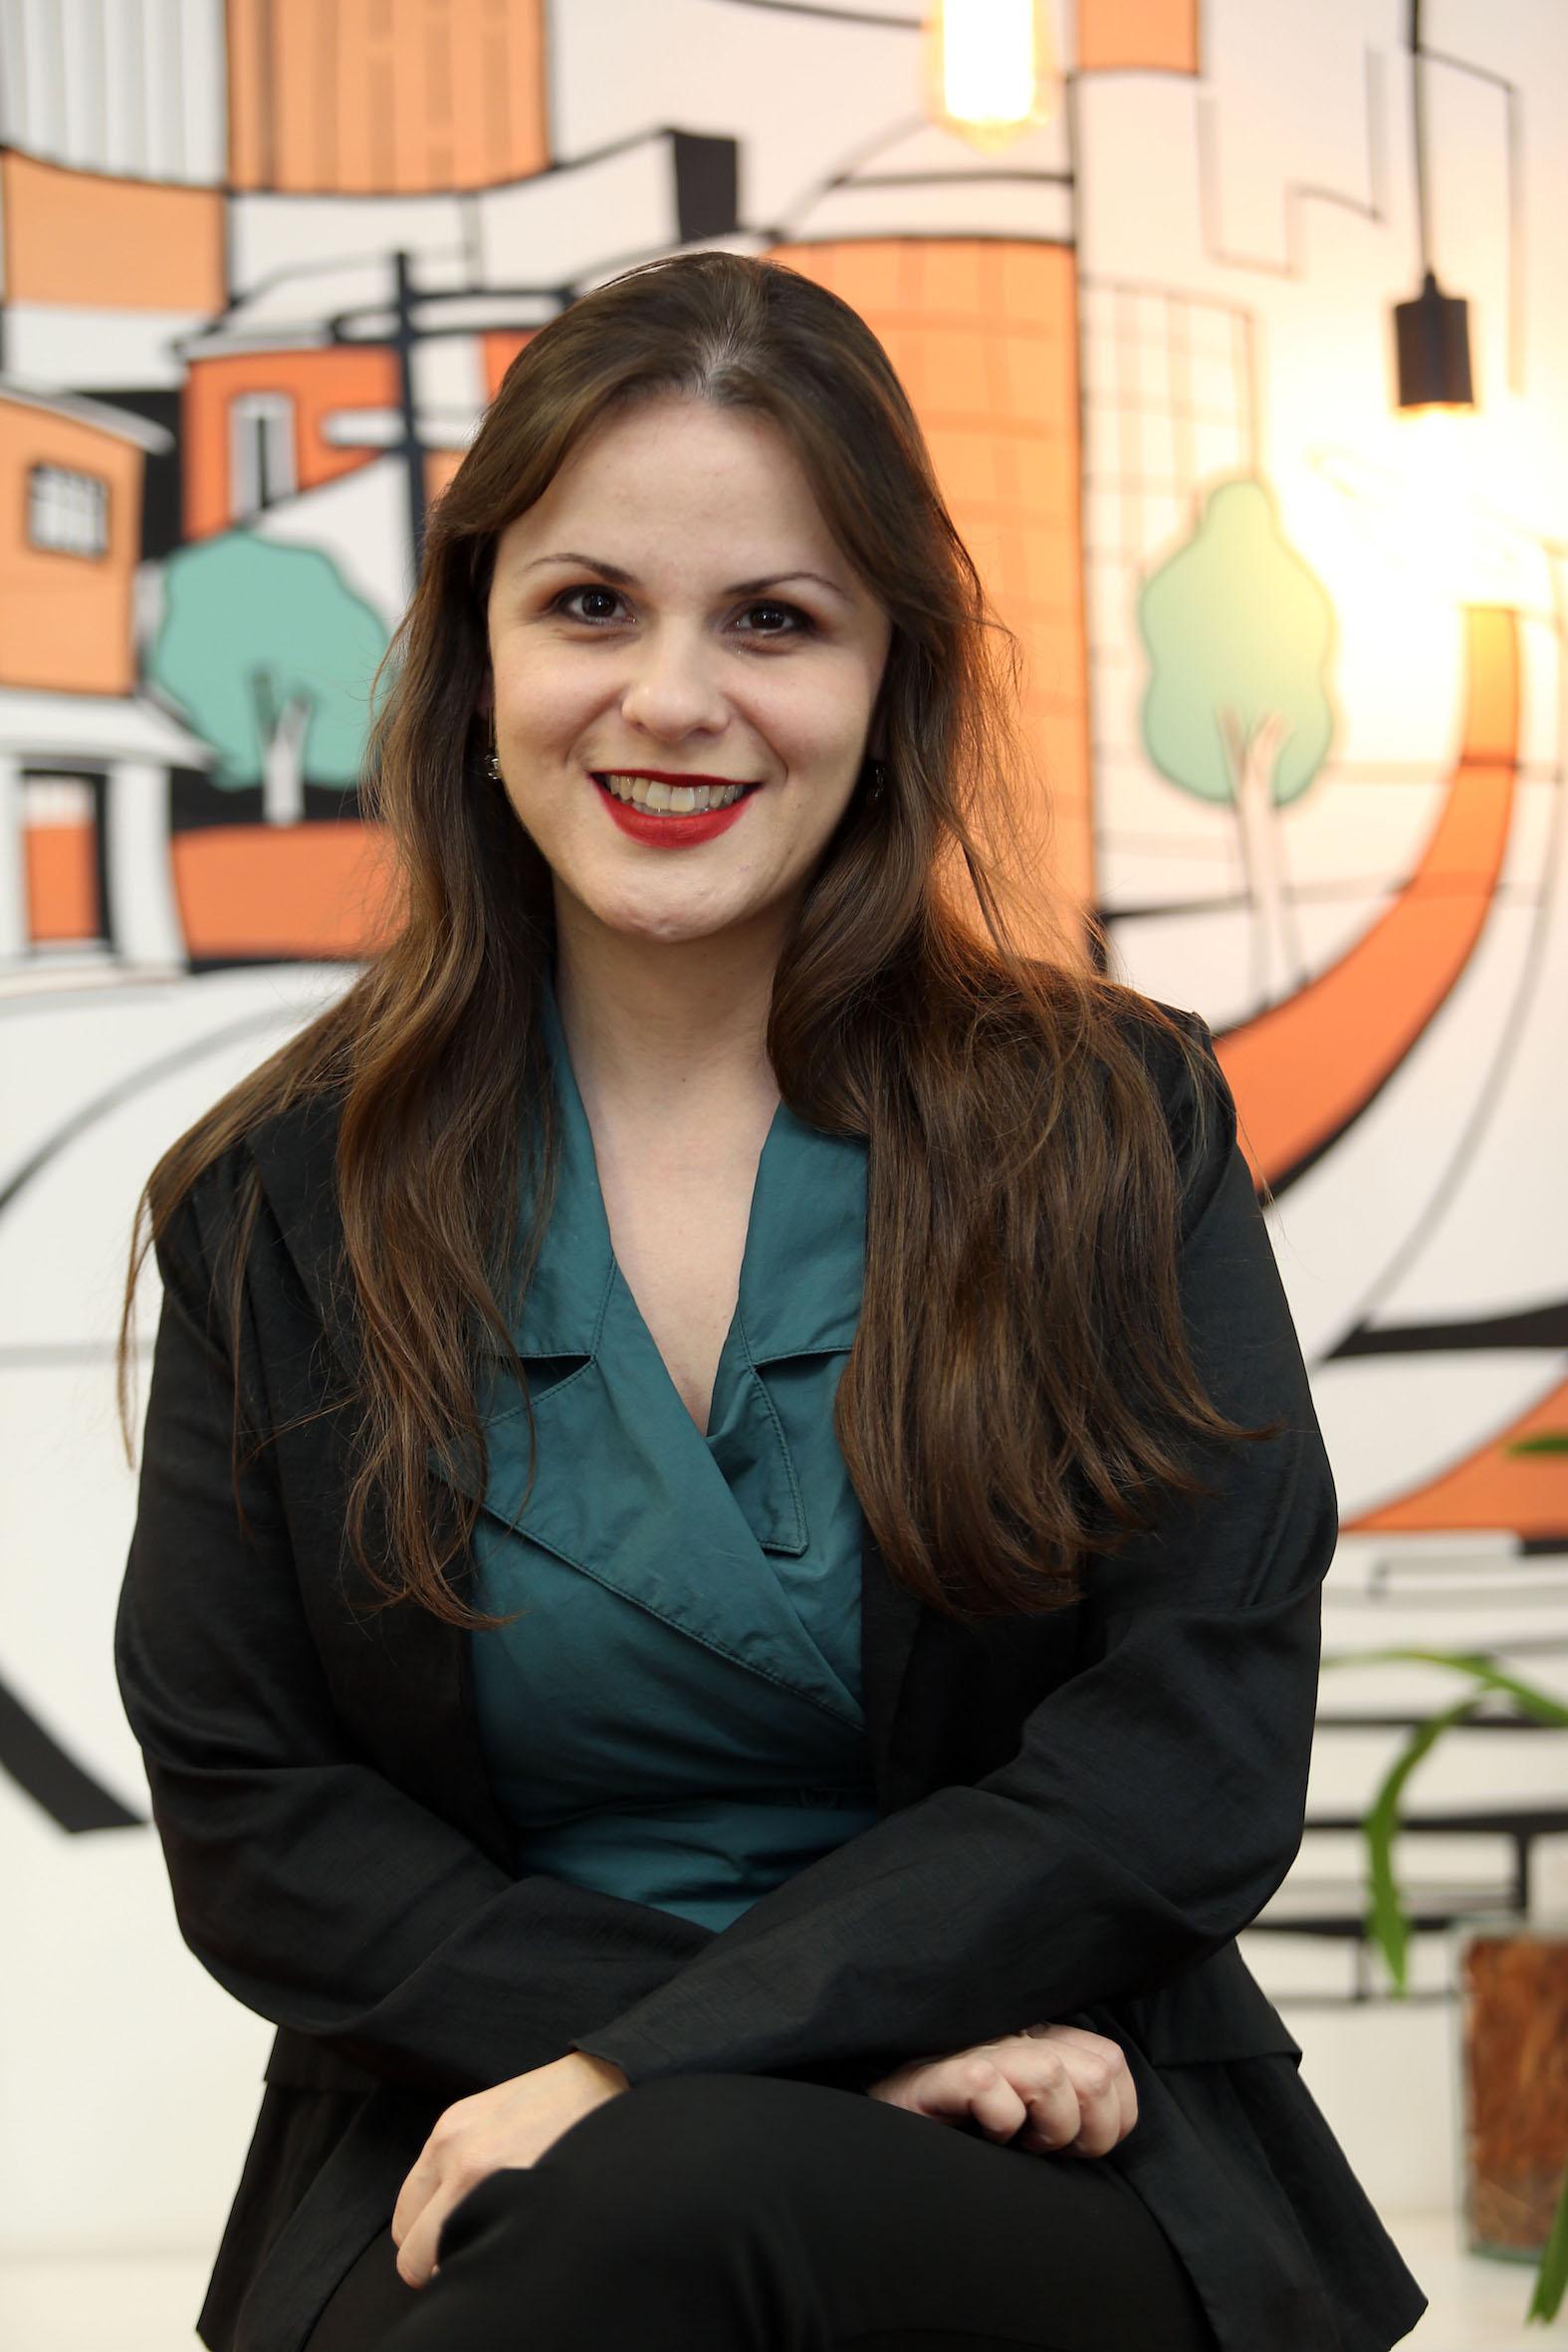 Juliana Tancler